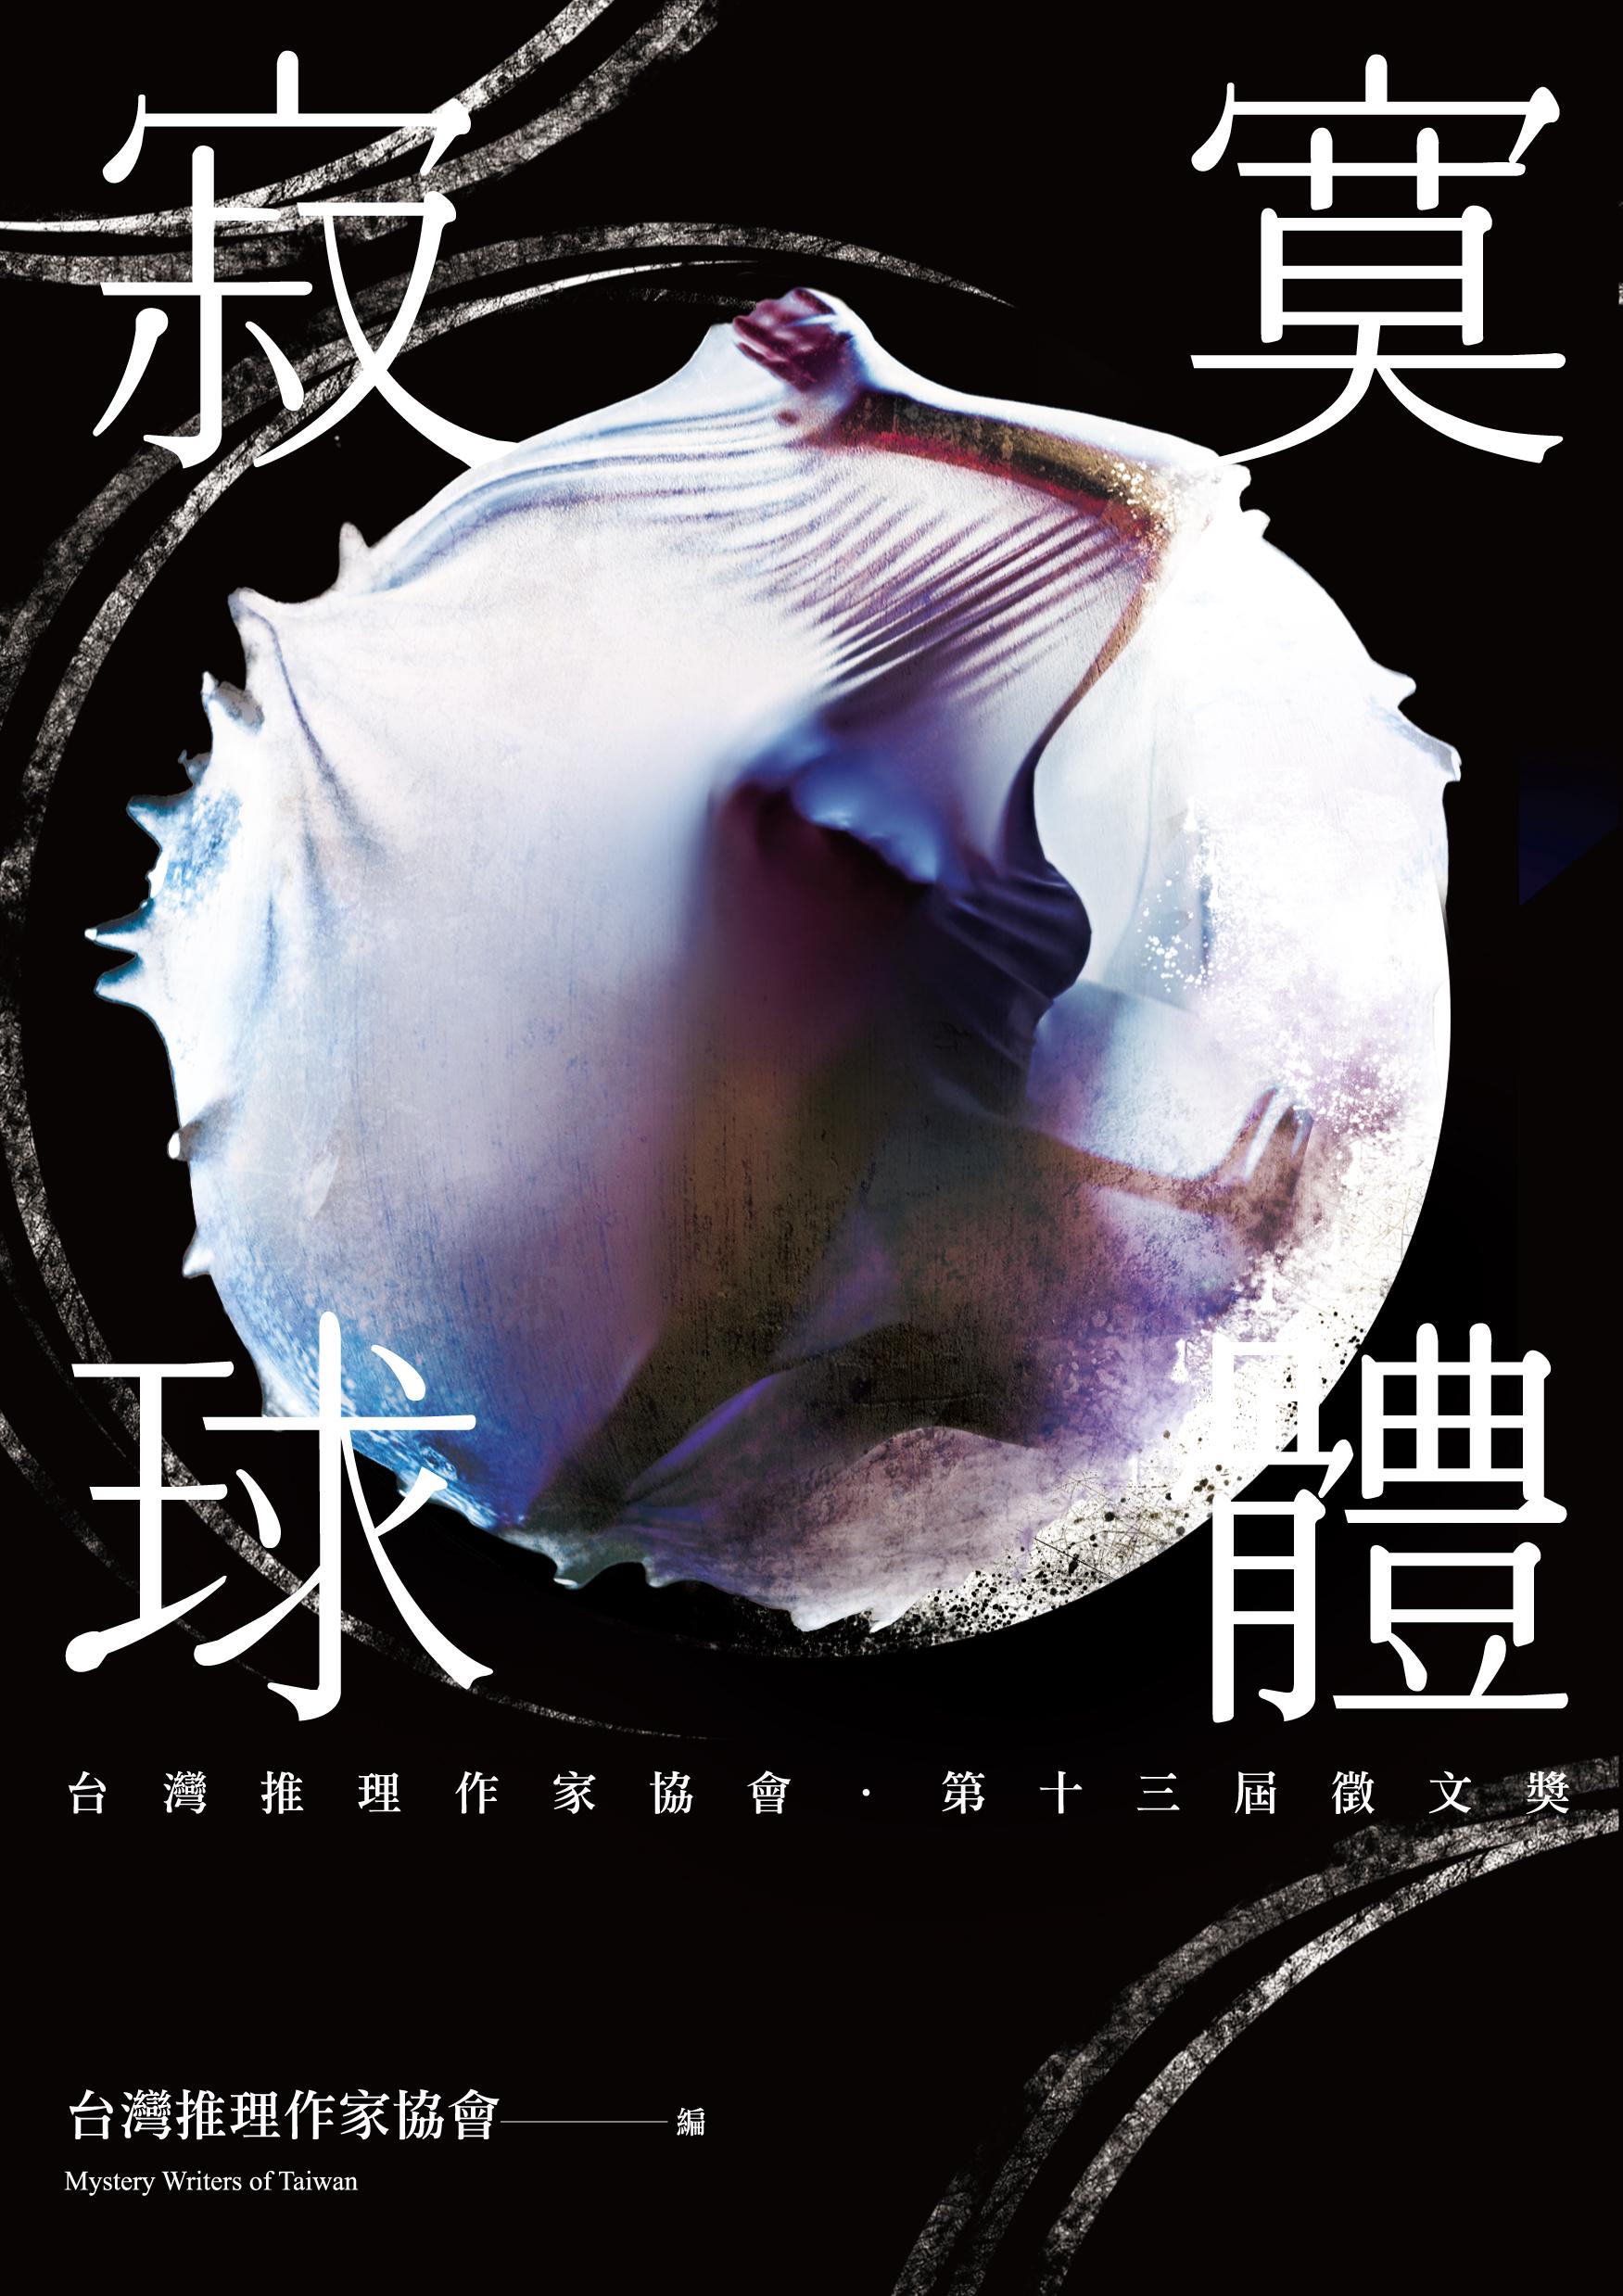 [100寫作挑戰] 033 讀阿七<獅山大王與749>(收錄於《寂寞球體:台灣推理作家協會第十三屆徵文獎》)